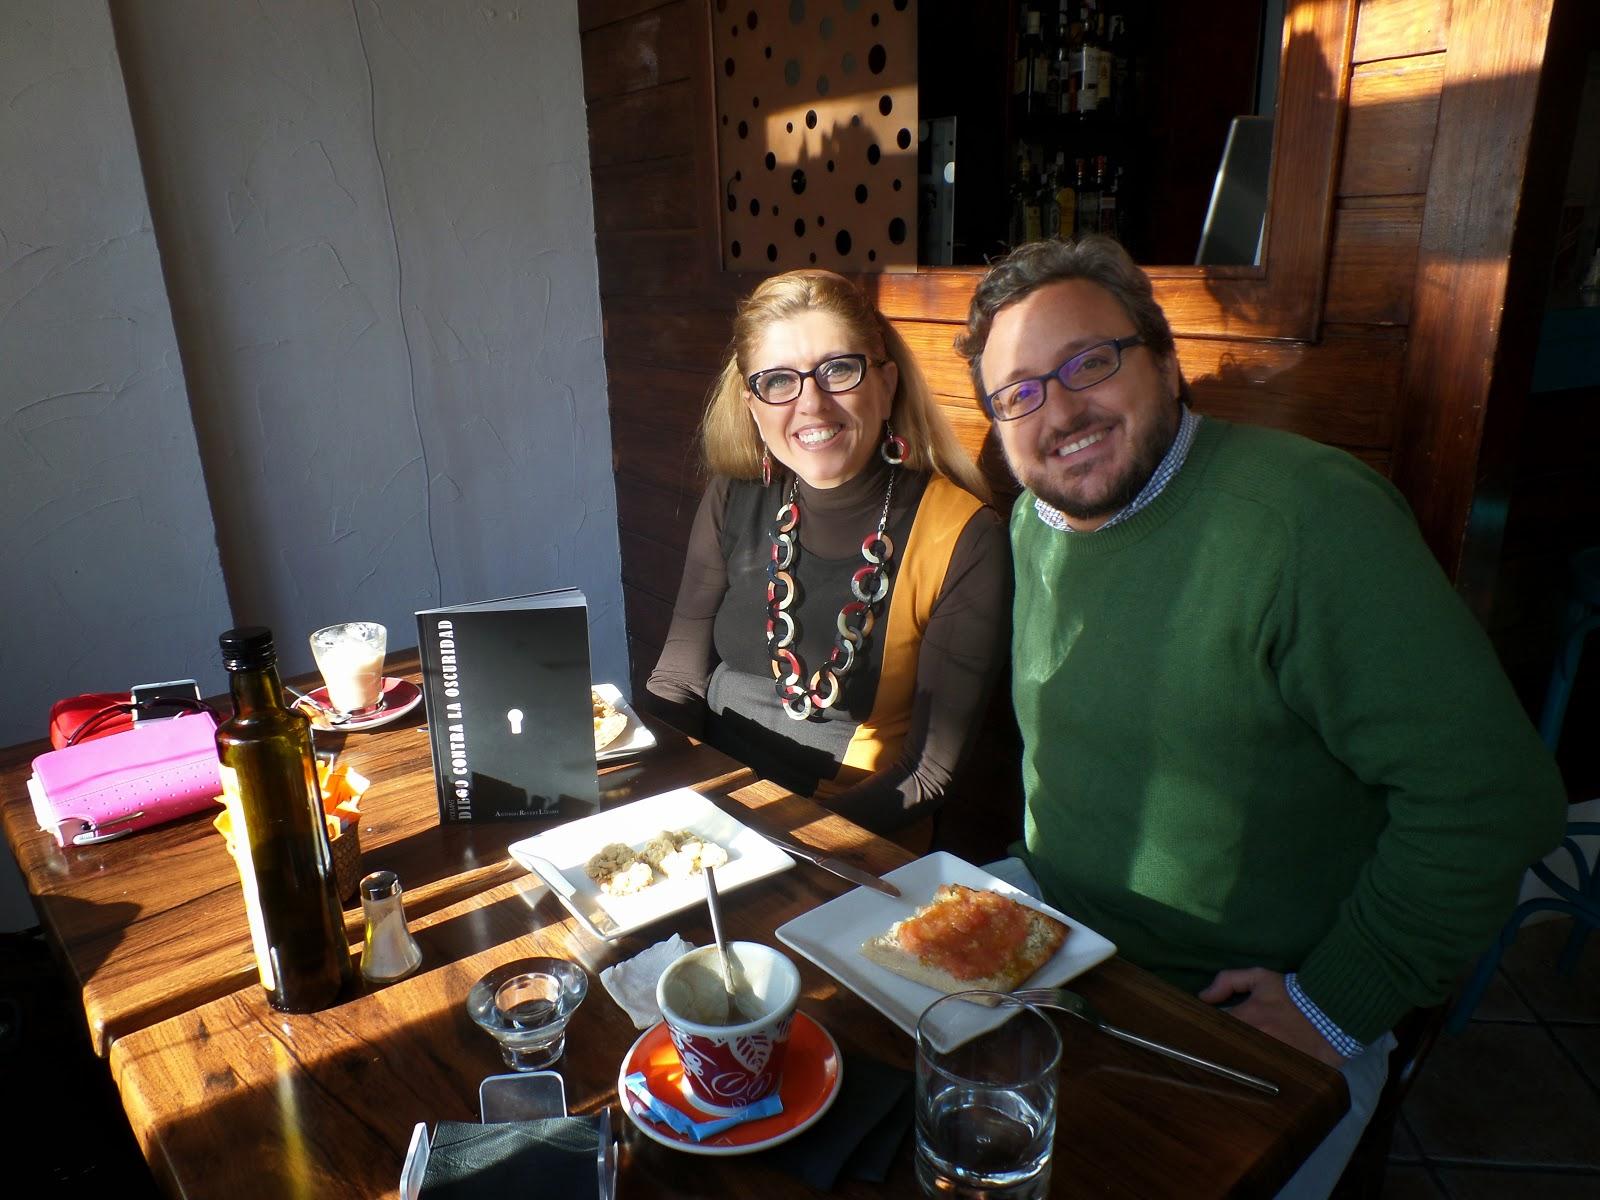 El Blog de María Serralba - Antonio, María y Diego contra la oscuridad